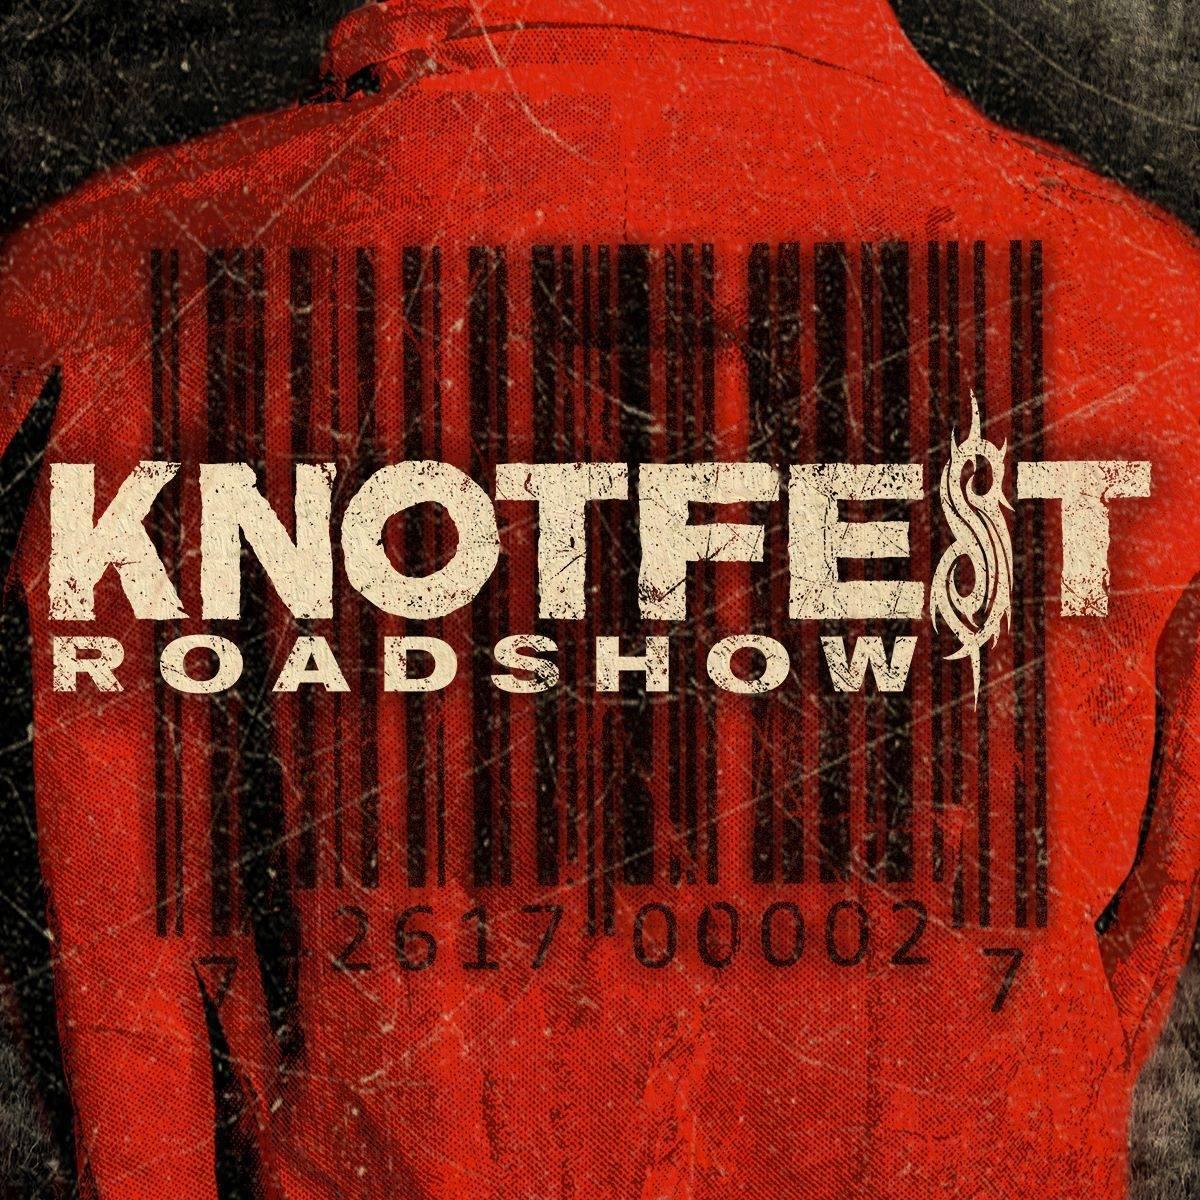 Slipknot Metal Roadshow Festival